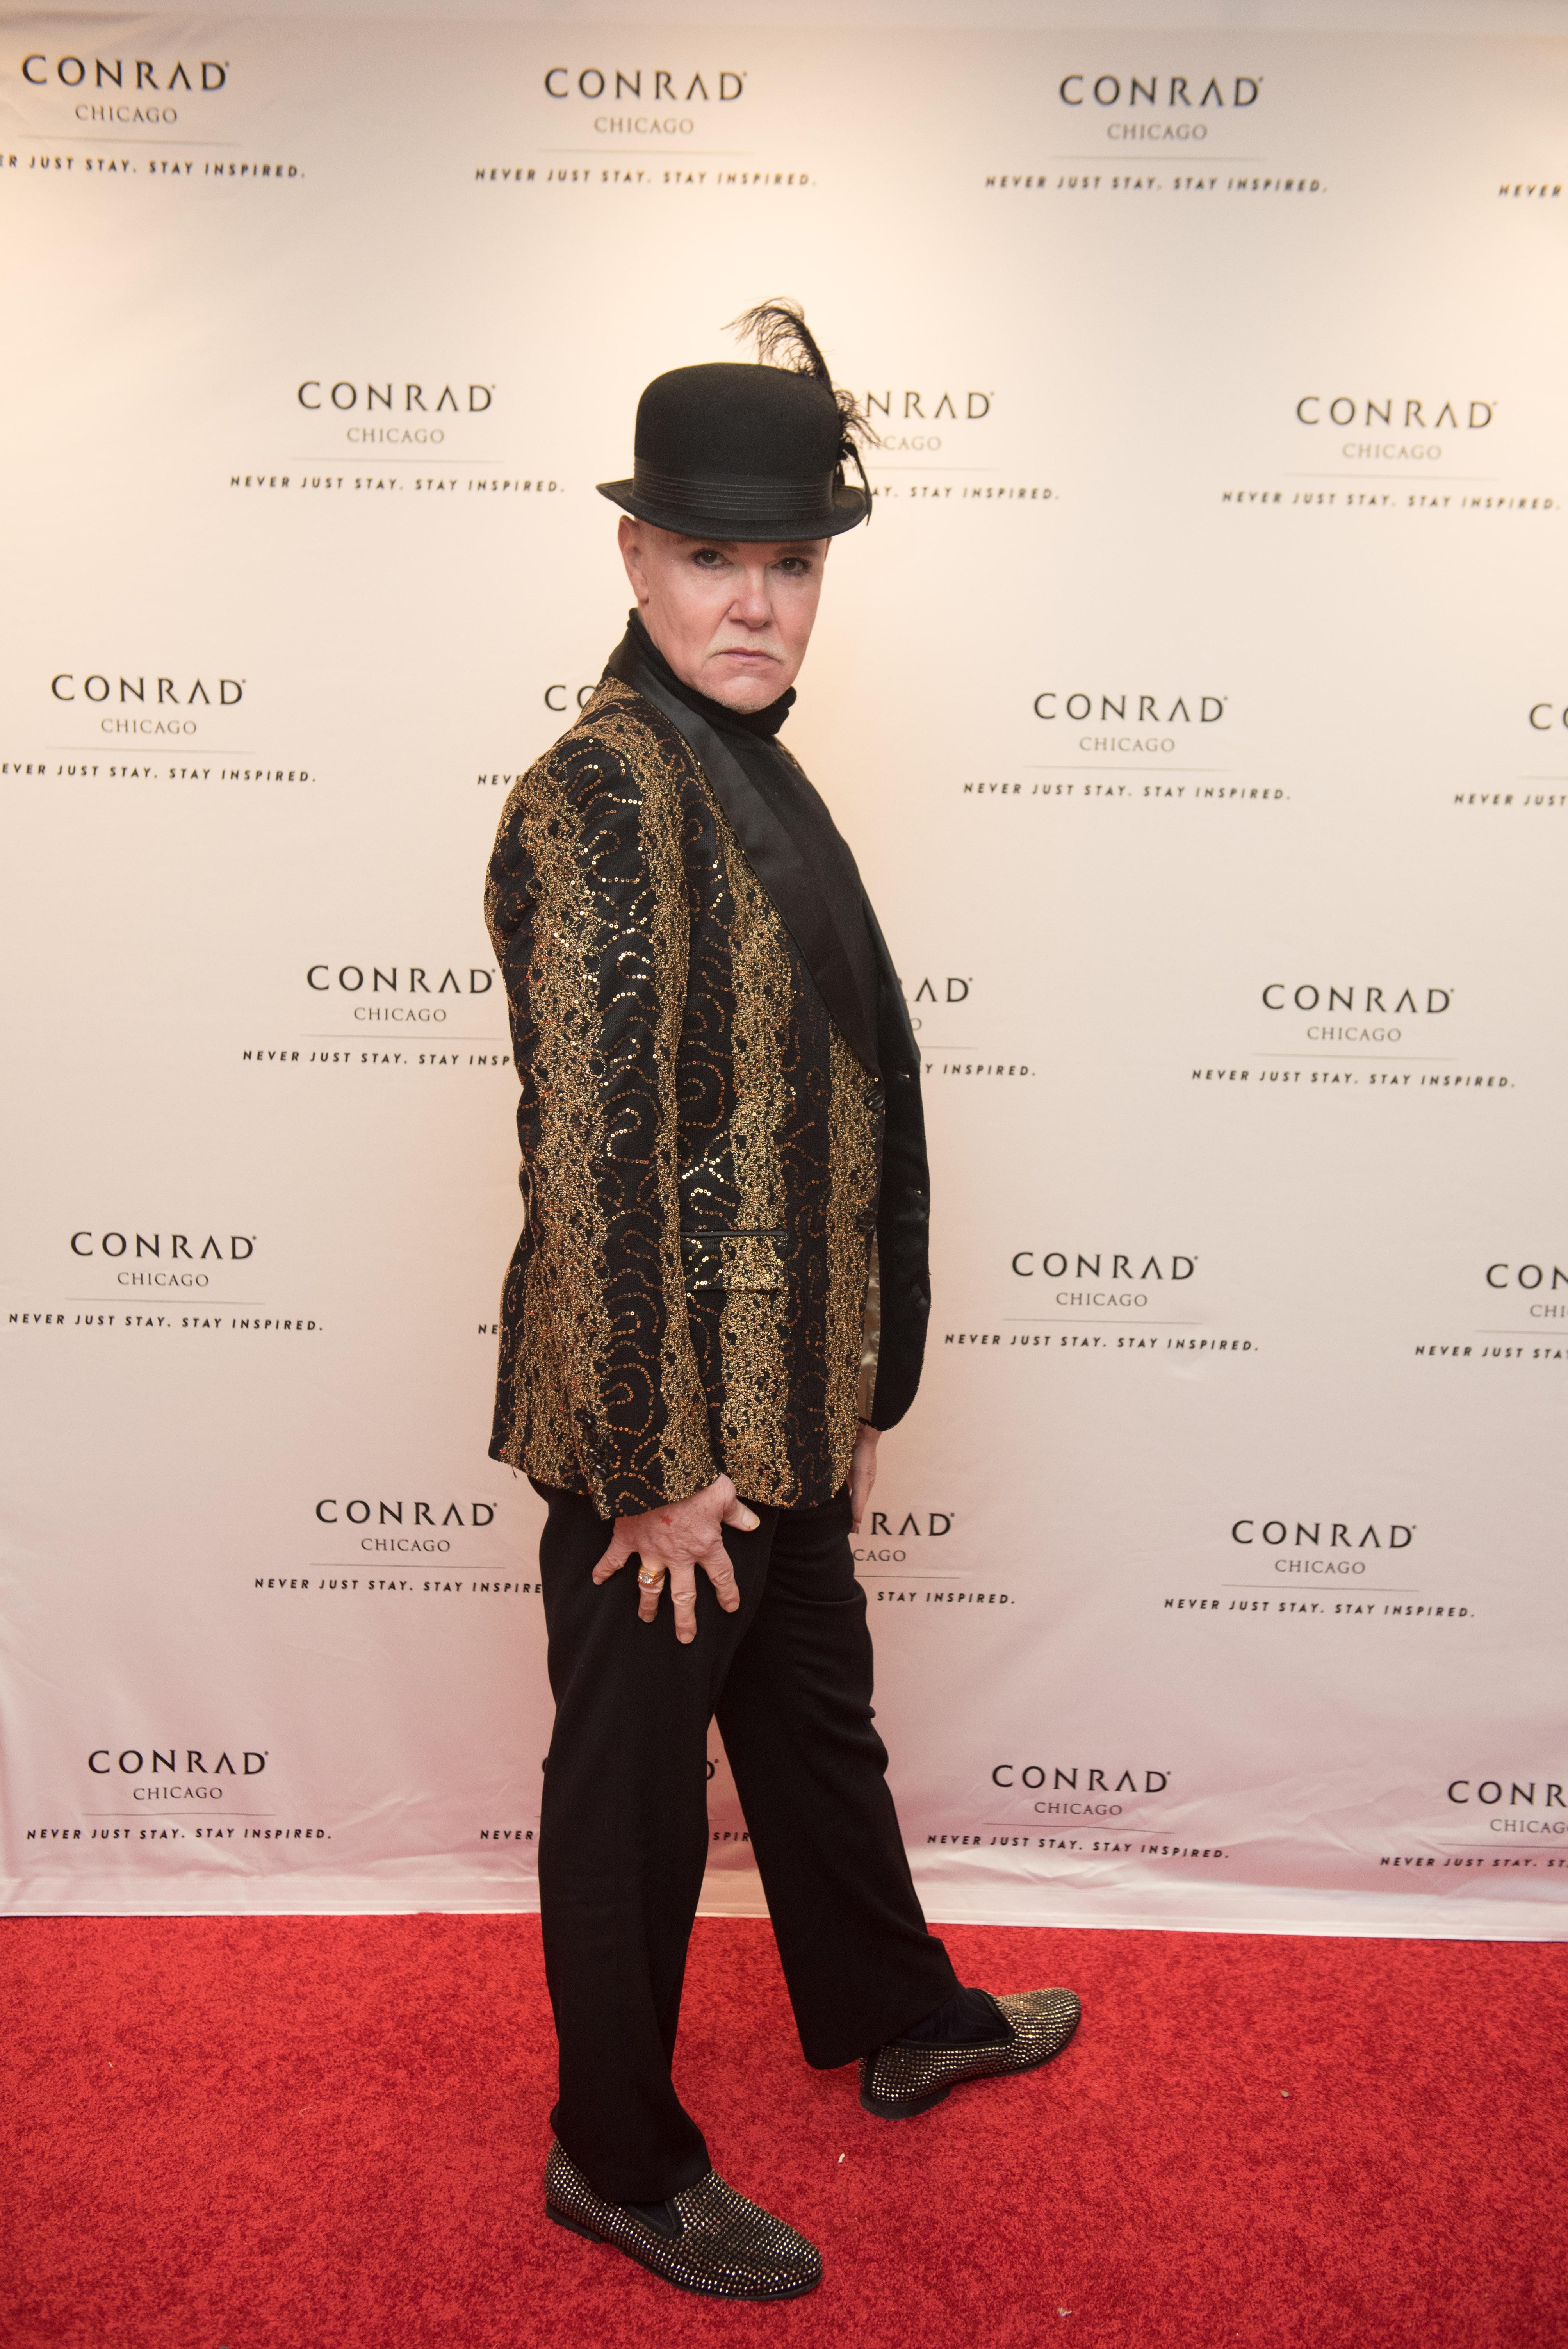 La La Land Oscar Party - Conrad Chicago